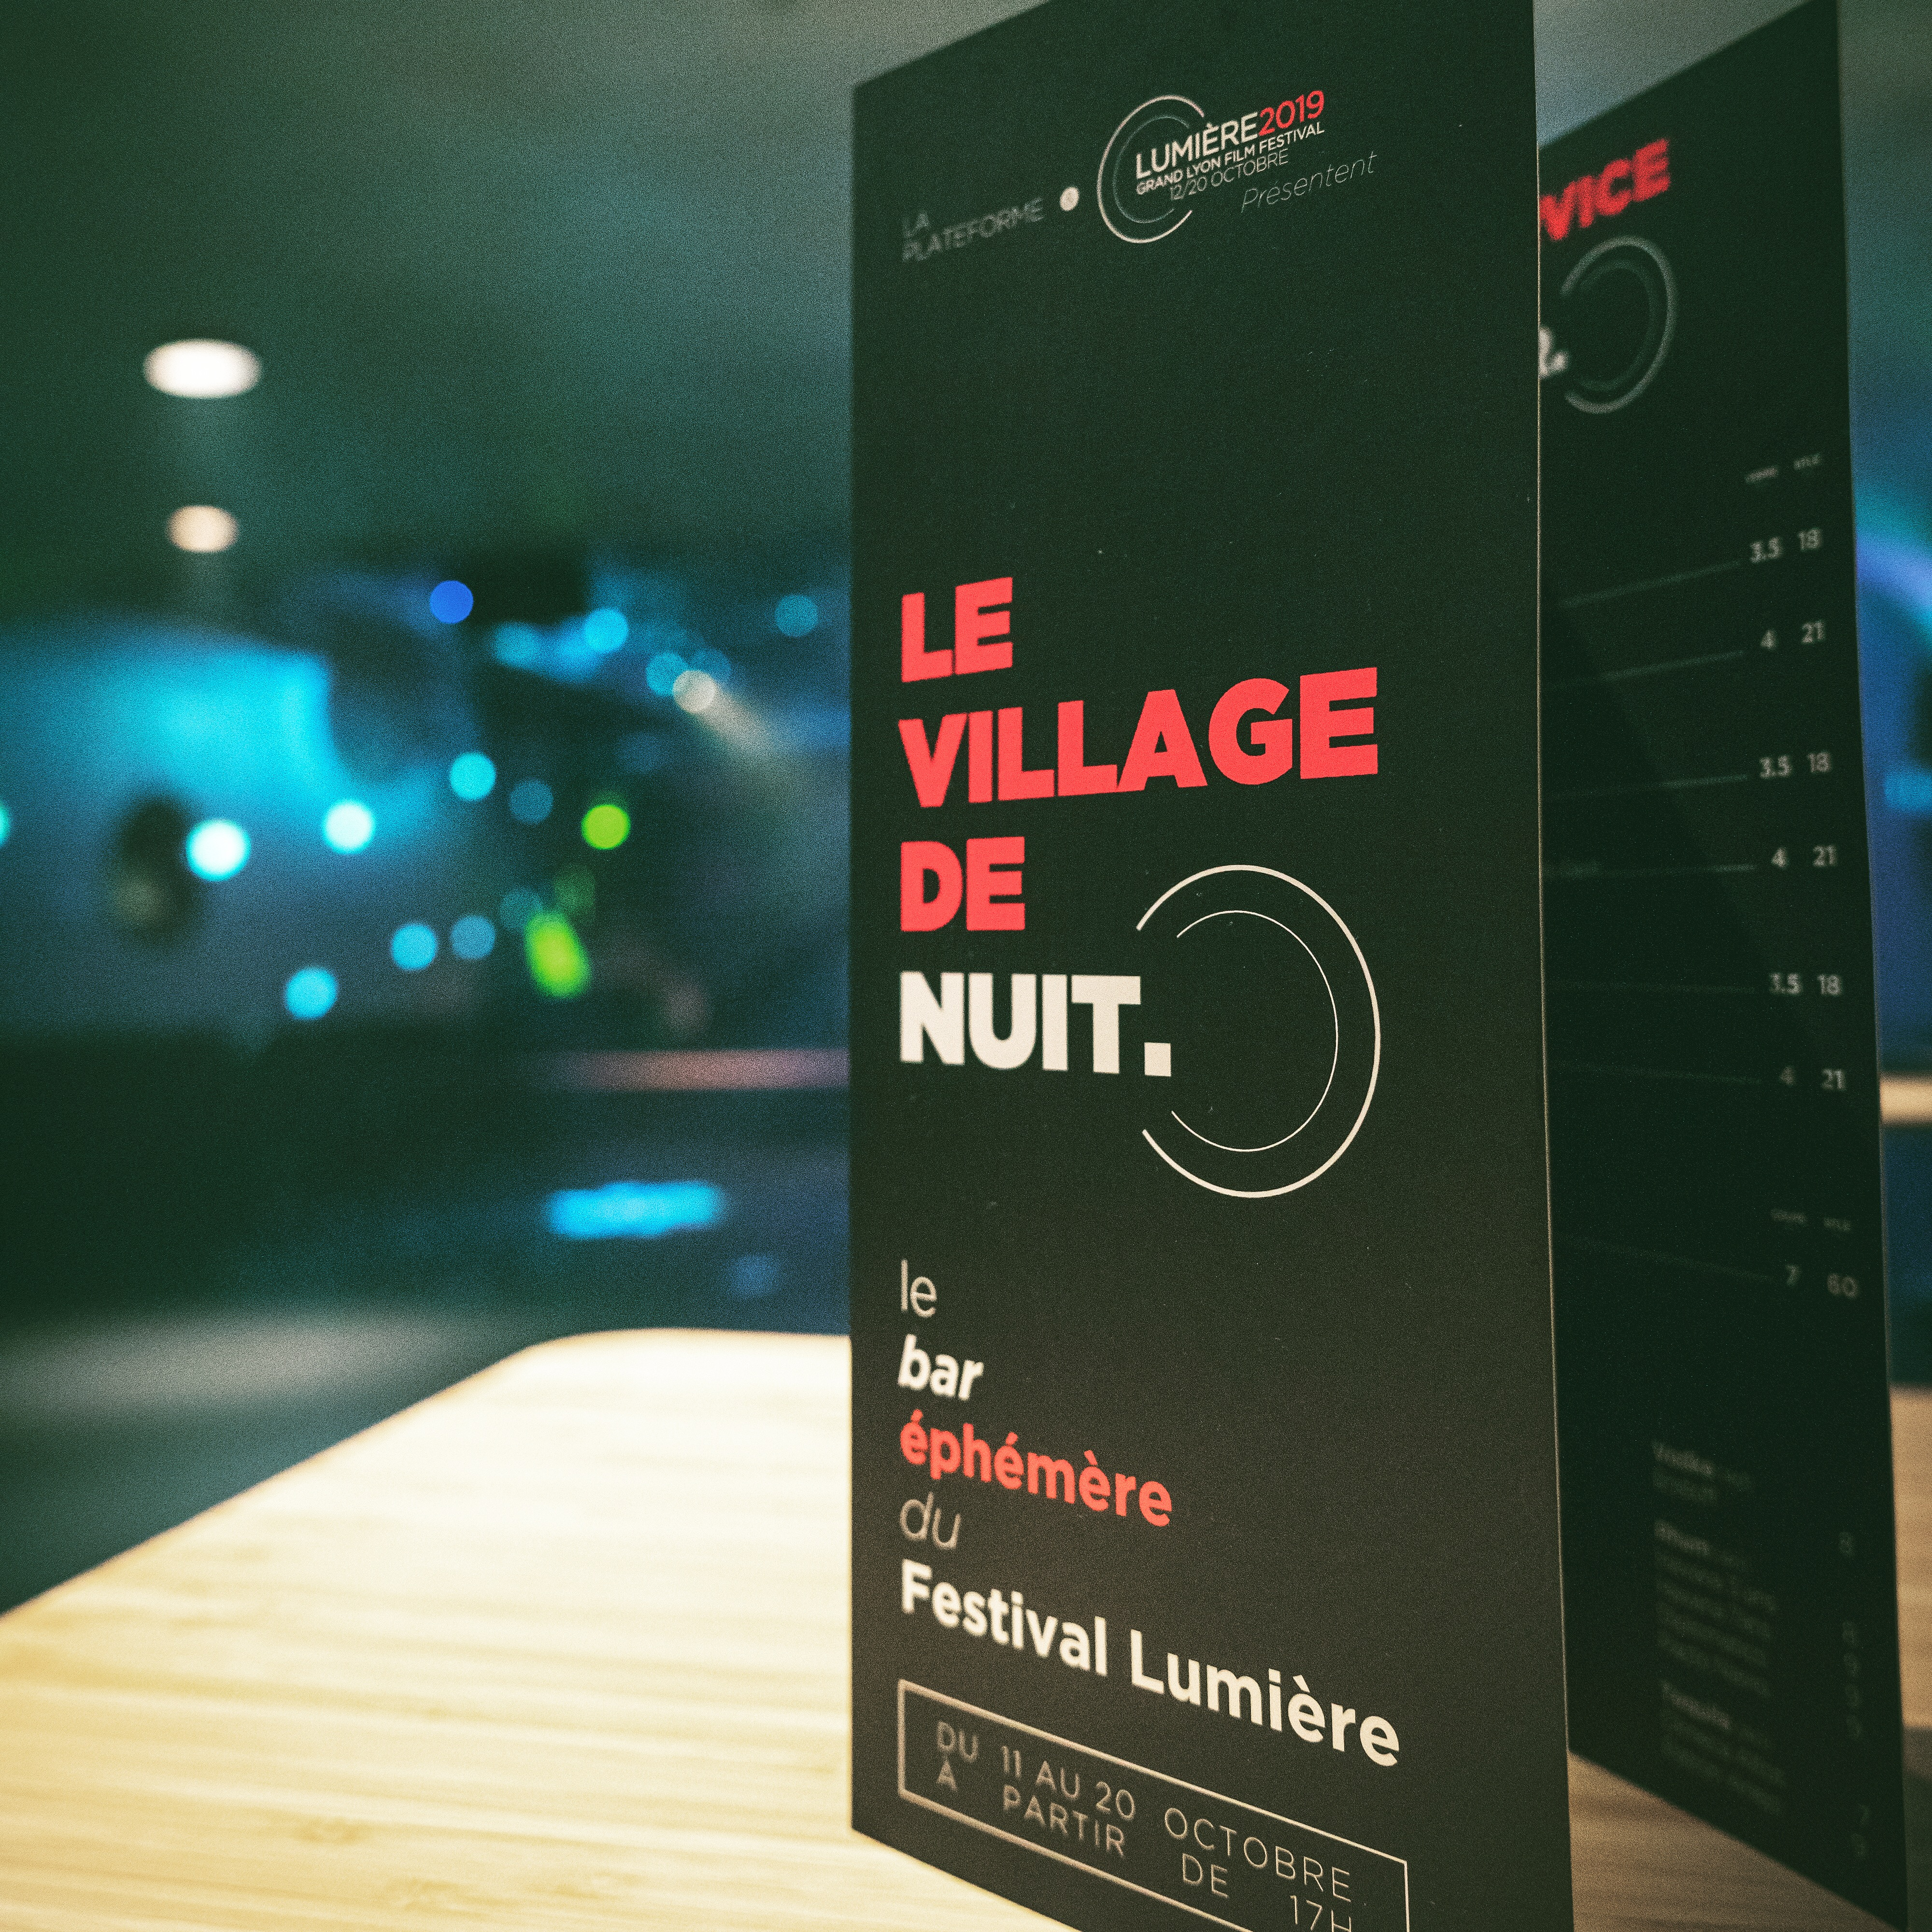 Charte graphique, le Village de nuit 2019 – Festival Lumière